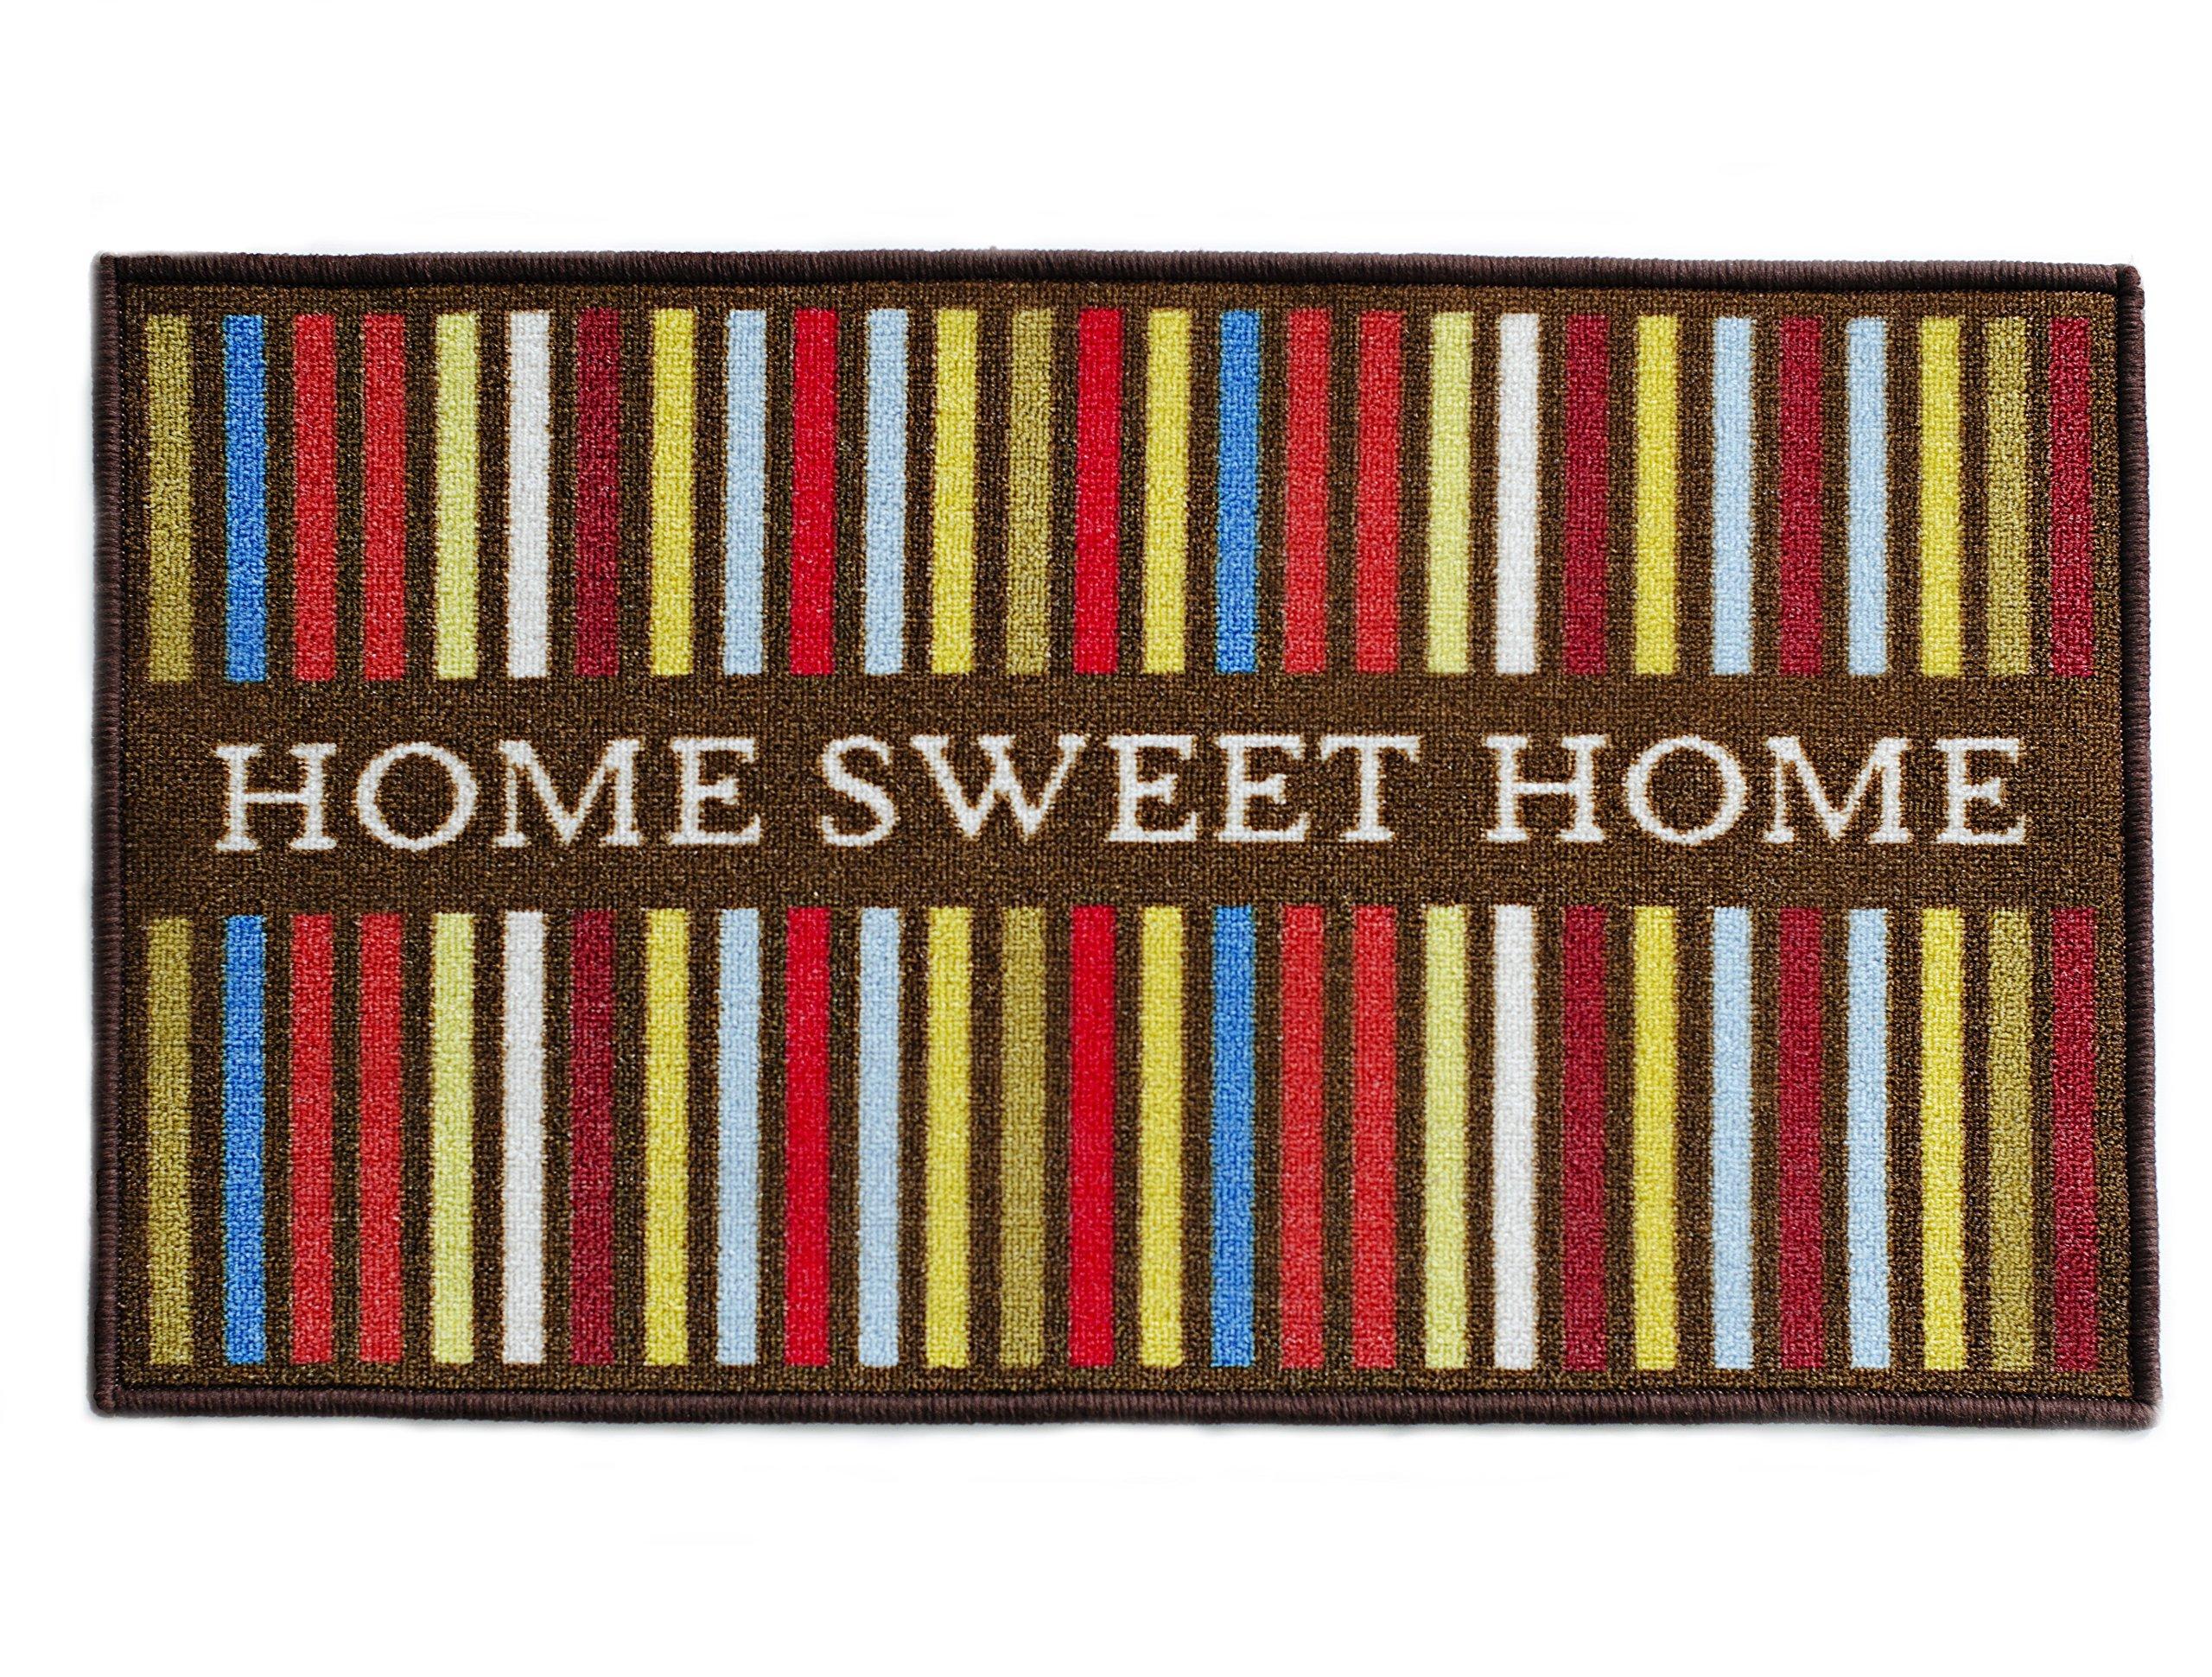 Totem Ideas HOME SWEET HOME Indoor Welcome Mat, Front Door Mats, Non Slip Rubber Backing Doormat, Waterproof and Machine Washable